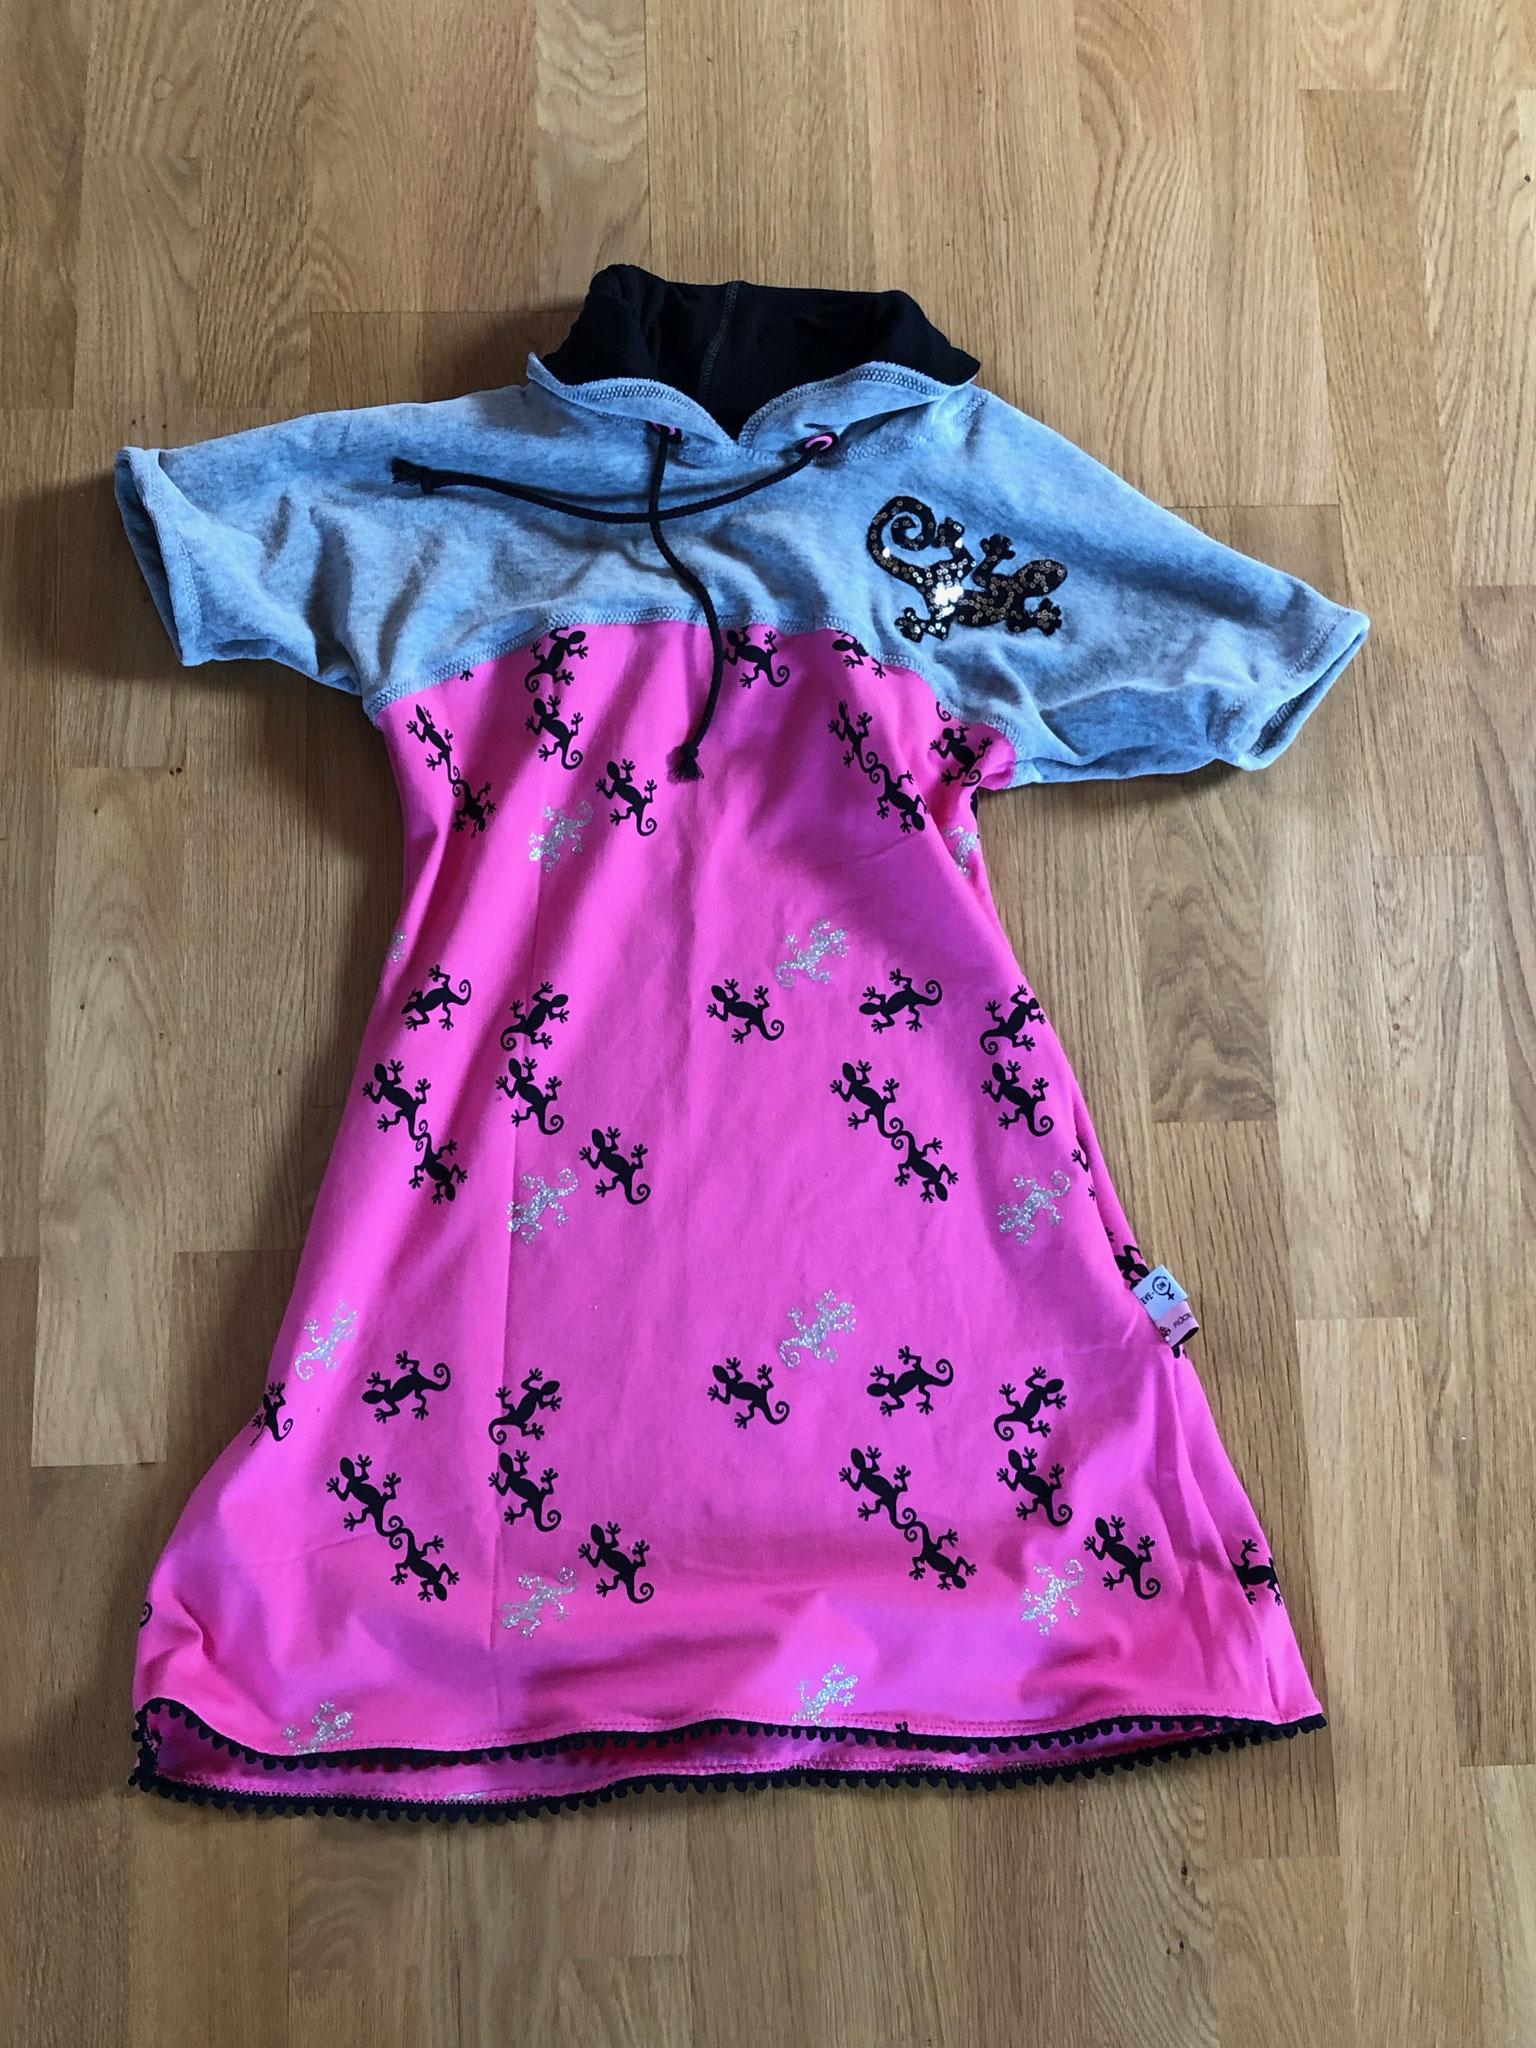 Gekko-Kleid mit selbstgemachten Applikationen